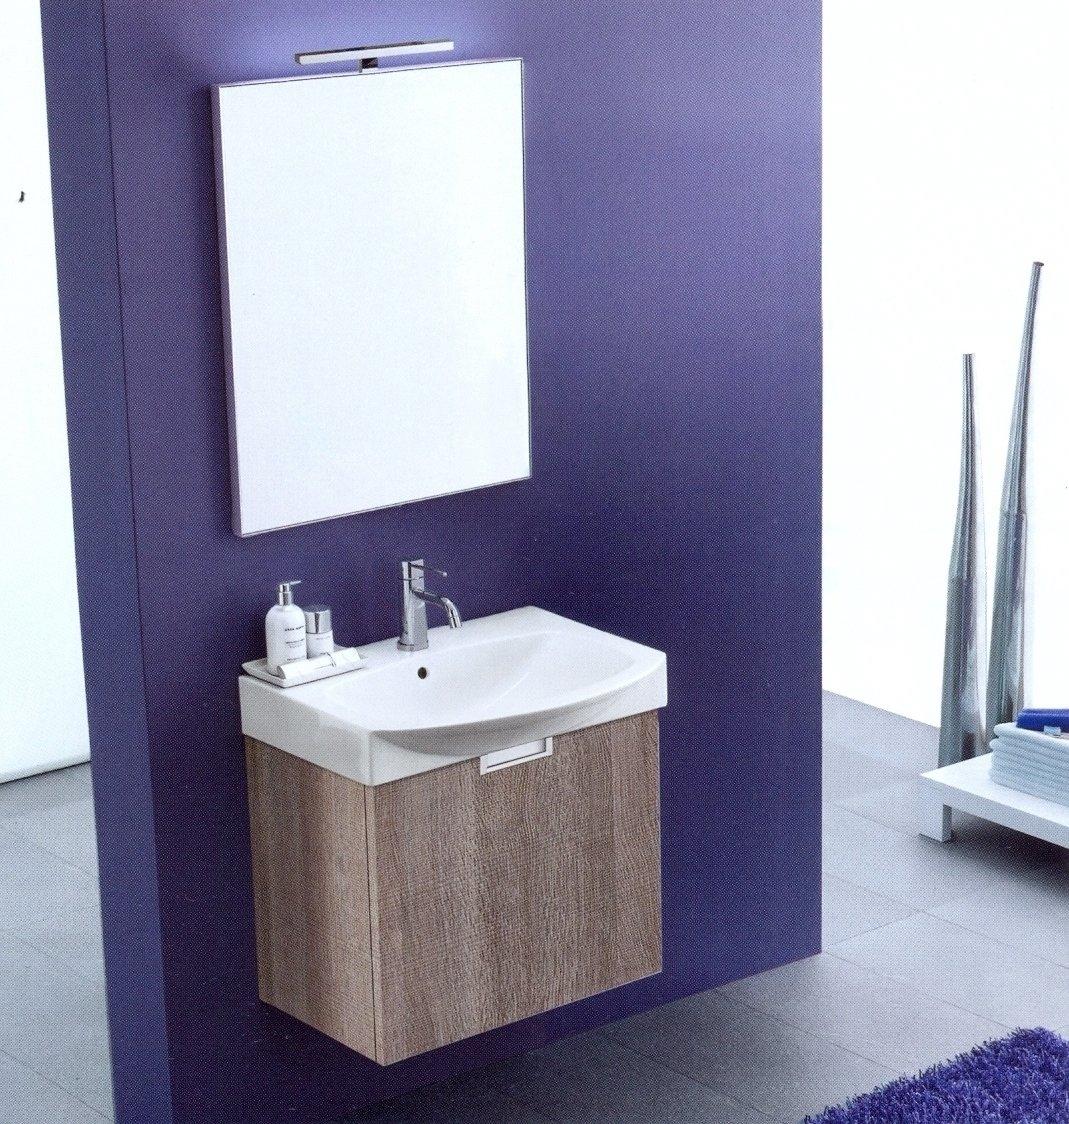 composizione bagno arbi - arredo bagno a prezzi scontati - Sconti Arredo Bagno